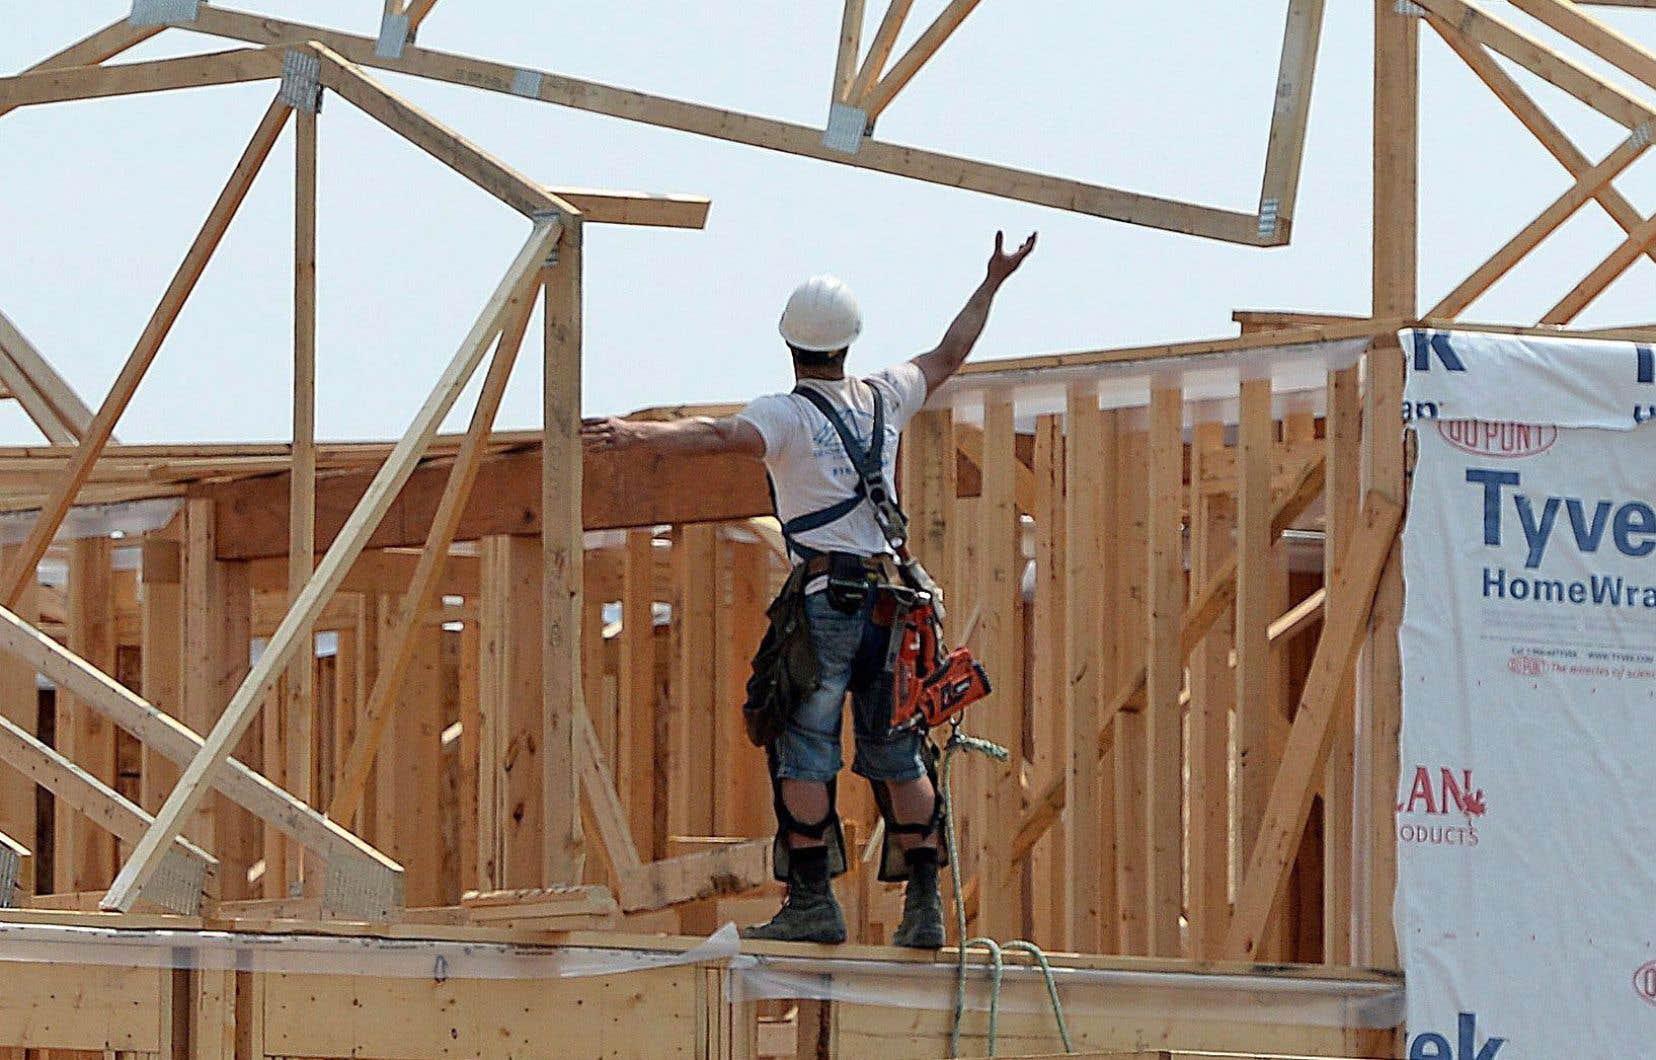 Le secteur de l'habitation fait l'objet d'une surveillance accrue puisqu'il s'ajuste actuellement à une hausse des taux d'intérêt hypothécaires et à un resserrement des règles sur les prêts hypothécaires.